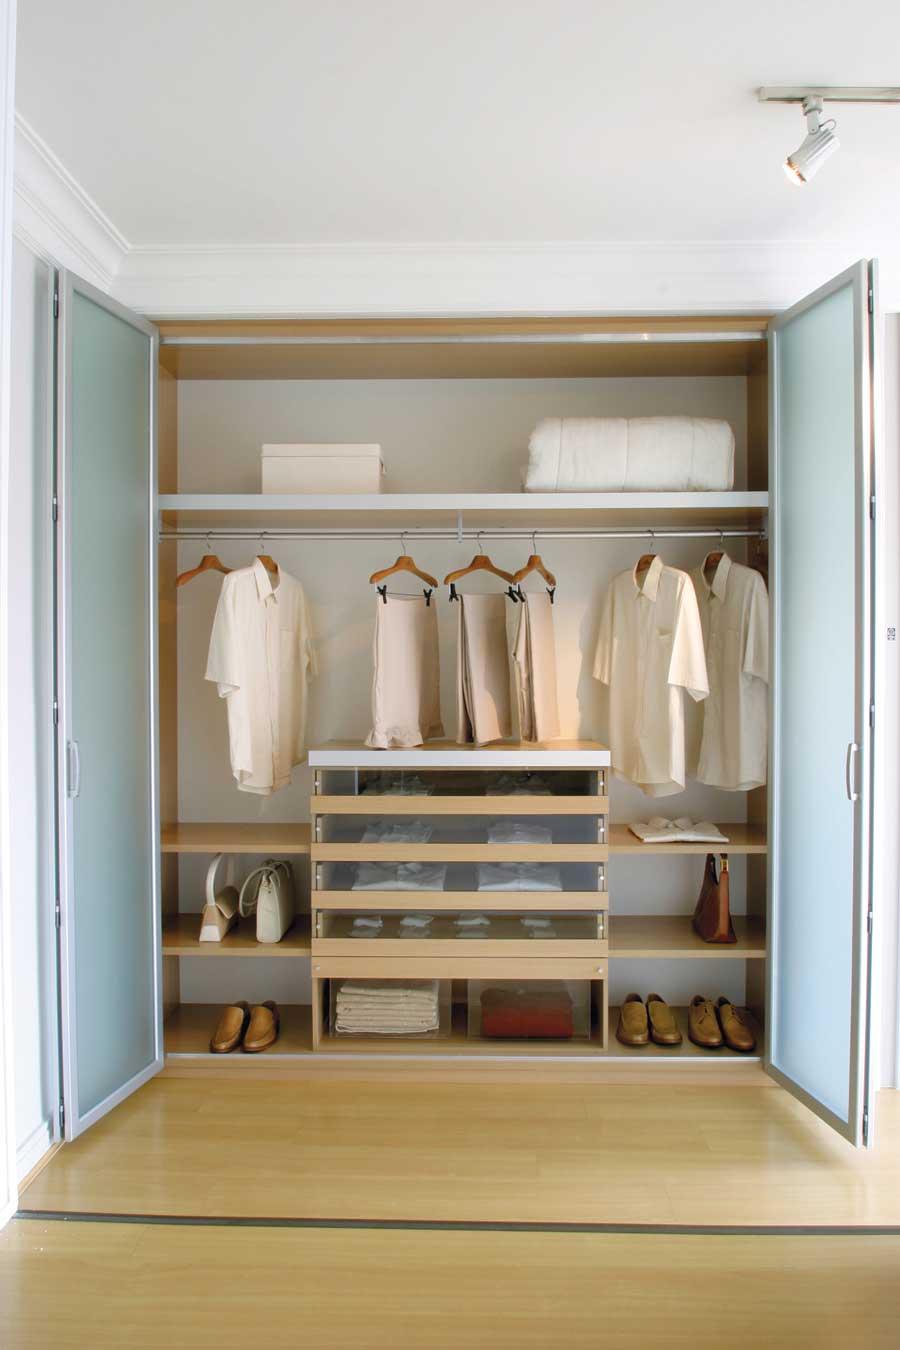 O sistema das portas sanfonadas é ótimo para a visualização total do guarda-roupa